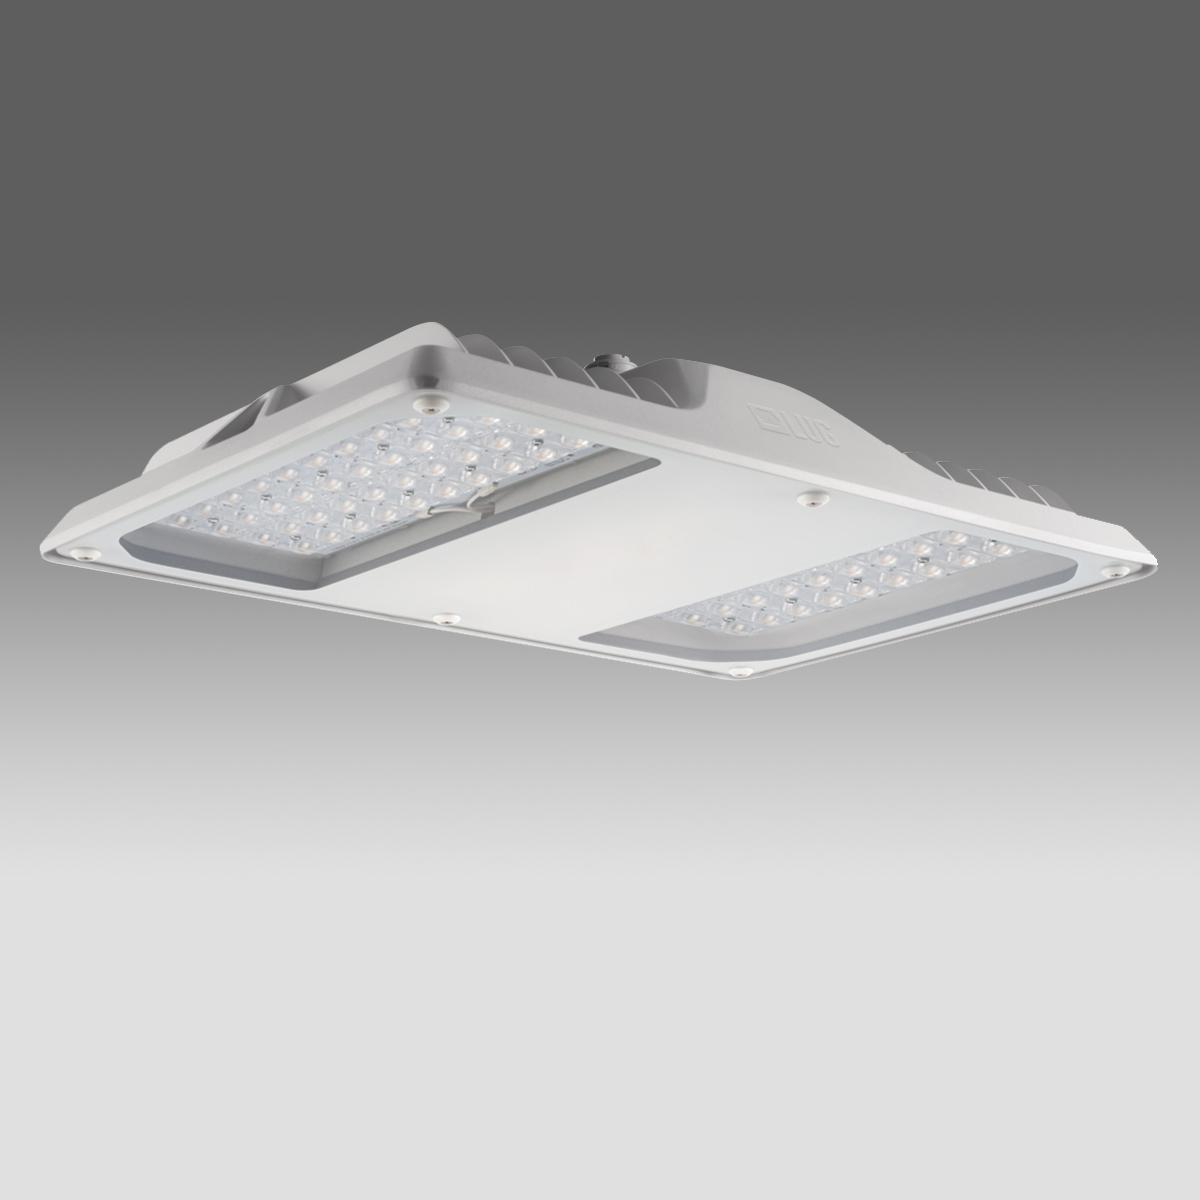 Arktur Square LED PLUS 205W 24850lm/740 ECG IP66 110° gray